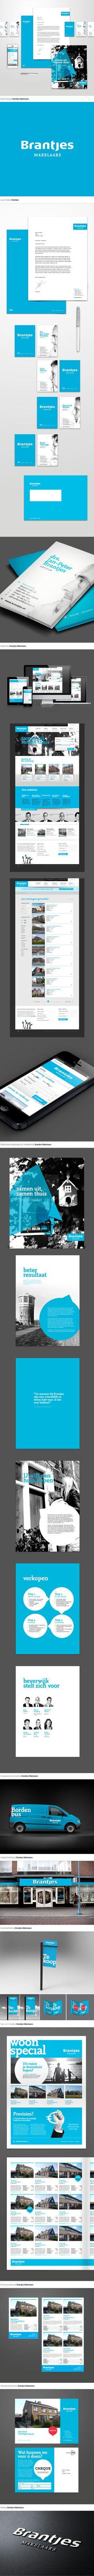 Brantjes Makelaars Corporate identity + brand design | Sixtyseven | Communicatie en reclamebureau | Beverwijk